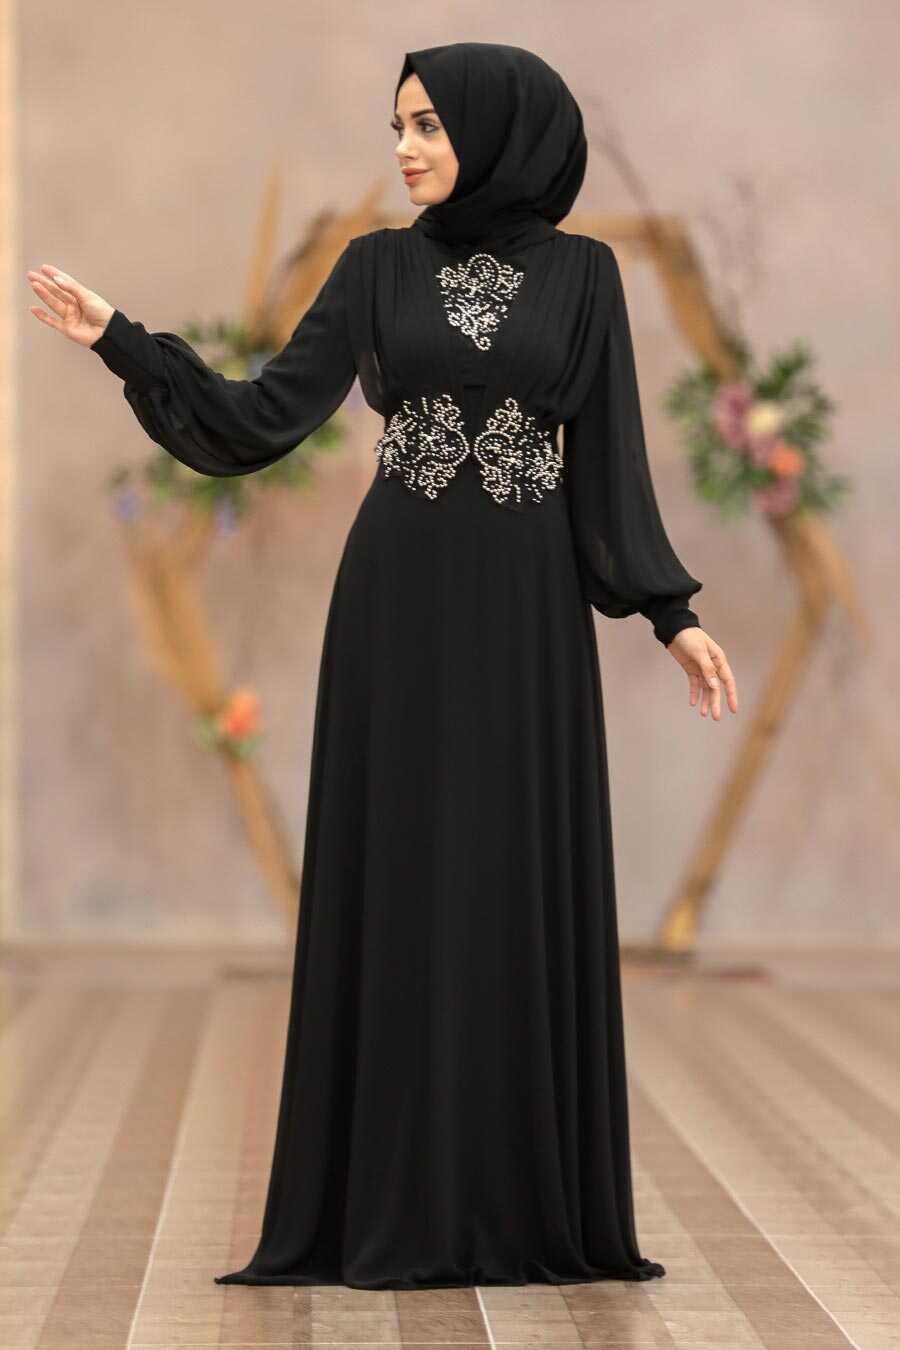 Black Hijab Evening Dress 9118S